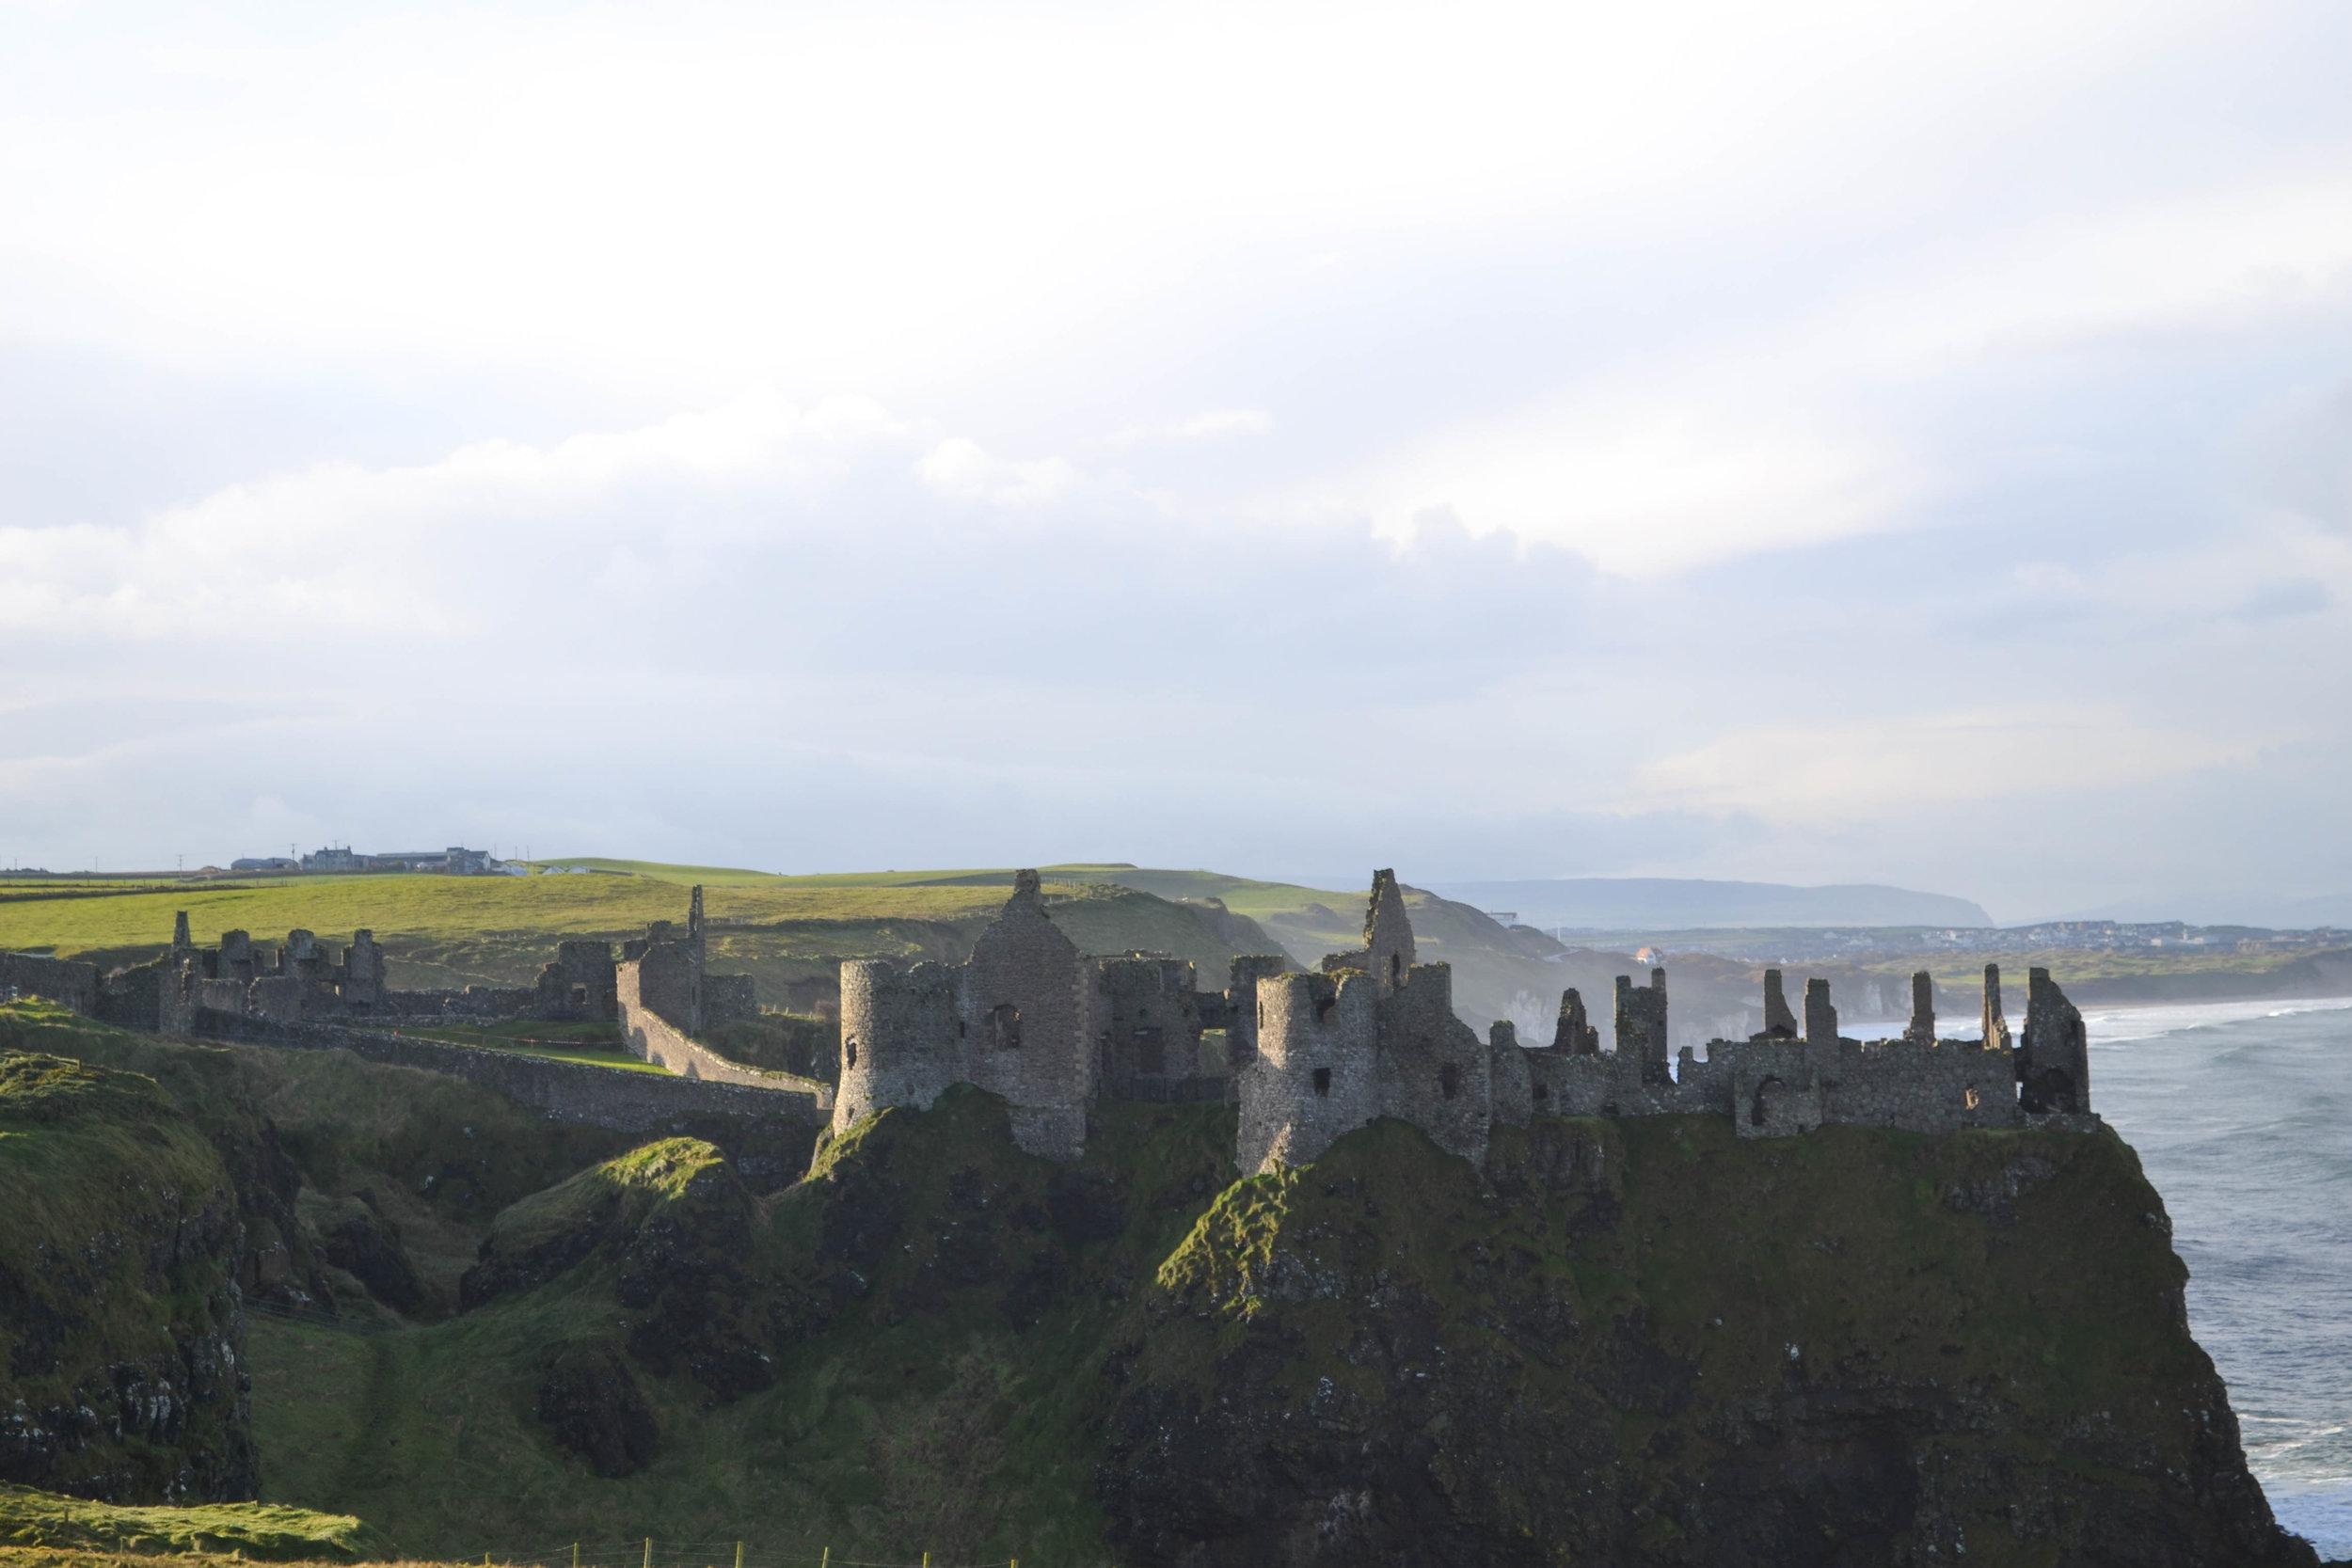 dunluce castle; game of thrones; ireland; bri rinehart